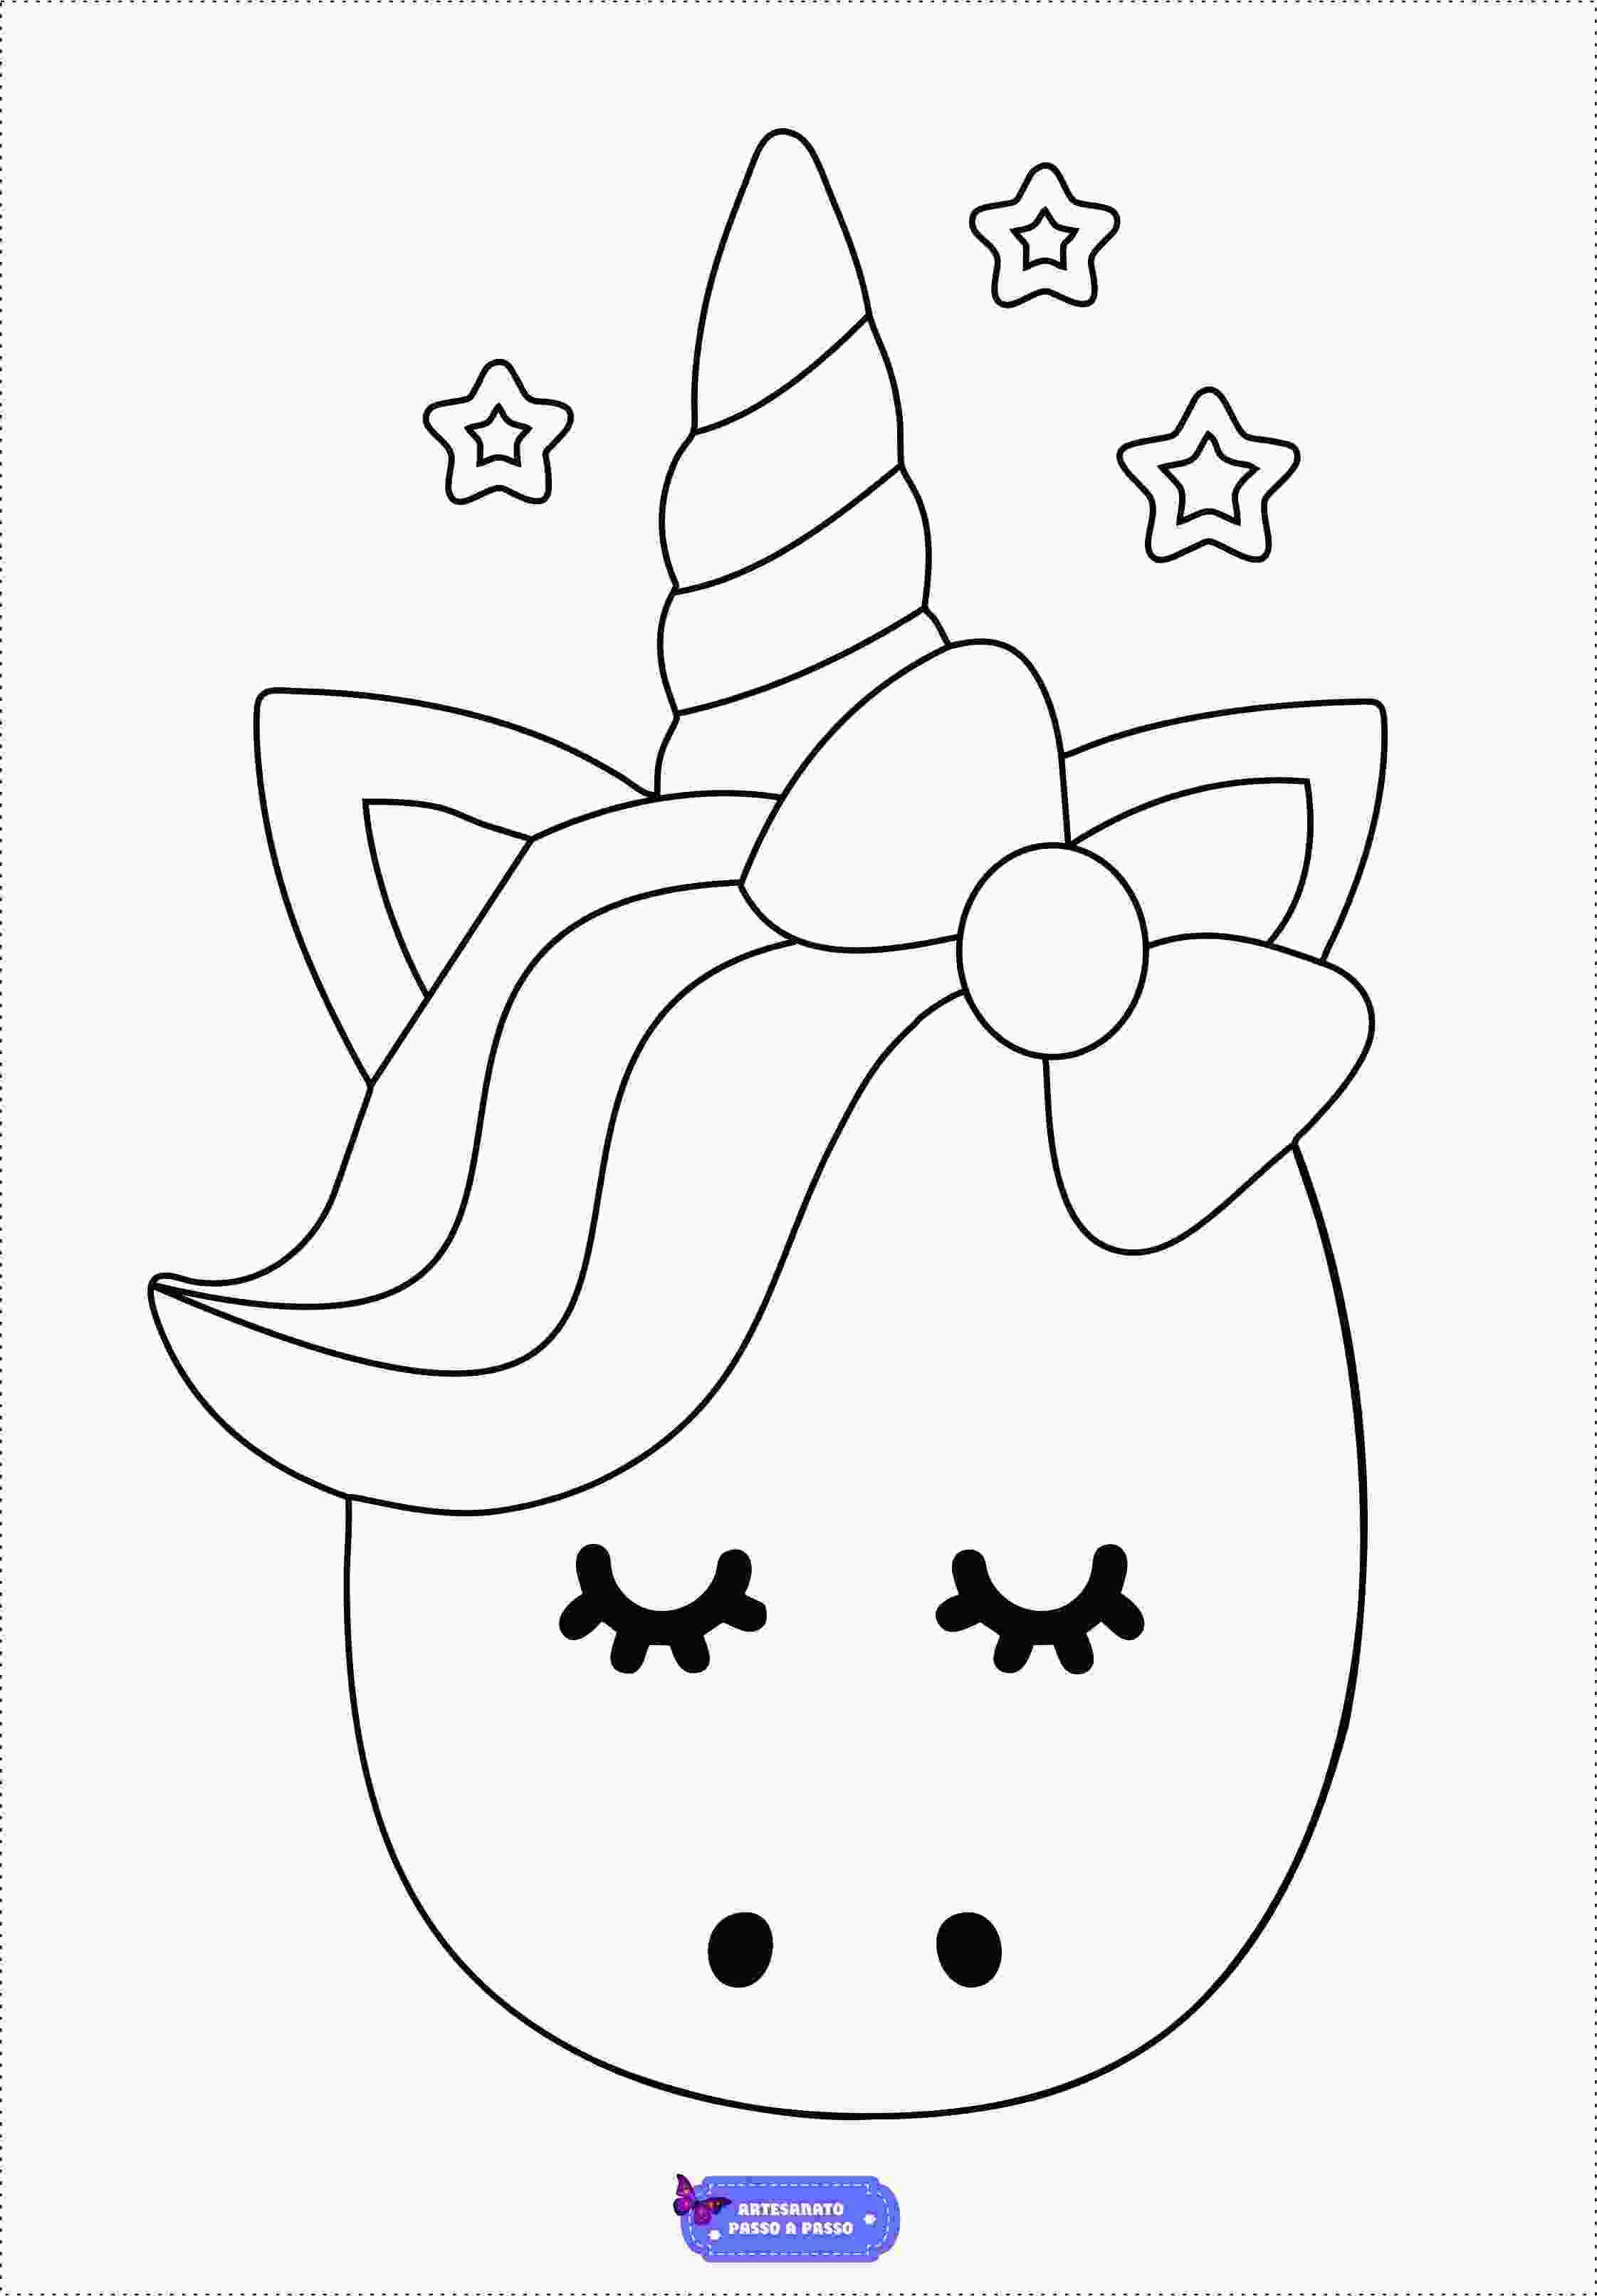 Os moldes pode usados com temas para. Desenhos de Unicórnio para colorir - Artesanato Passo a Passo!